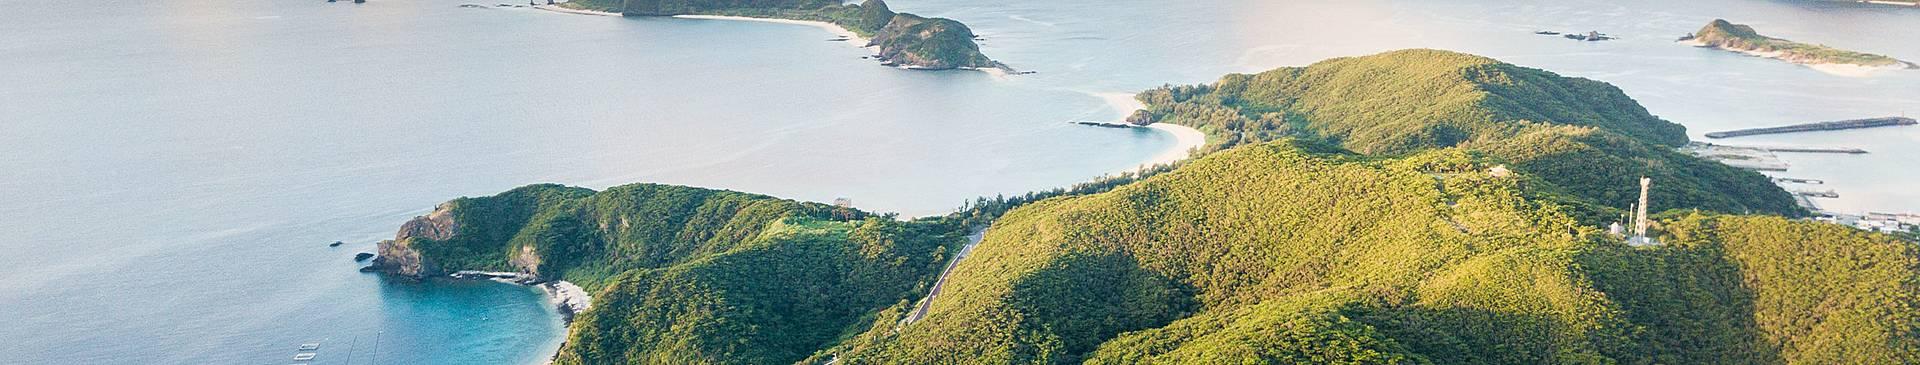 Voyage archipel d'Okinawa : les îles paradisiaques du Japon